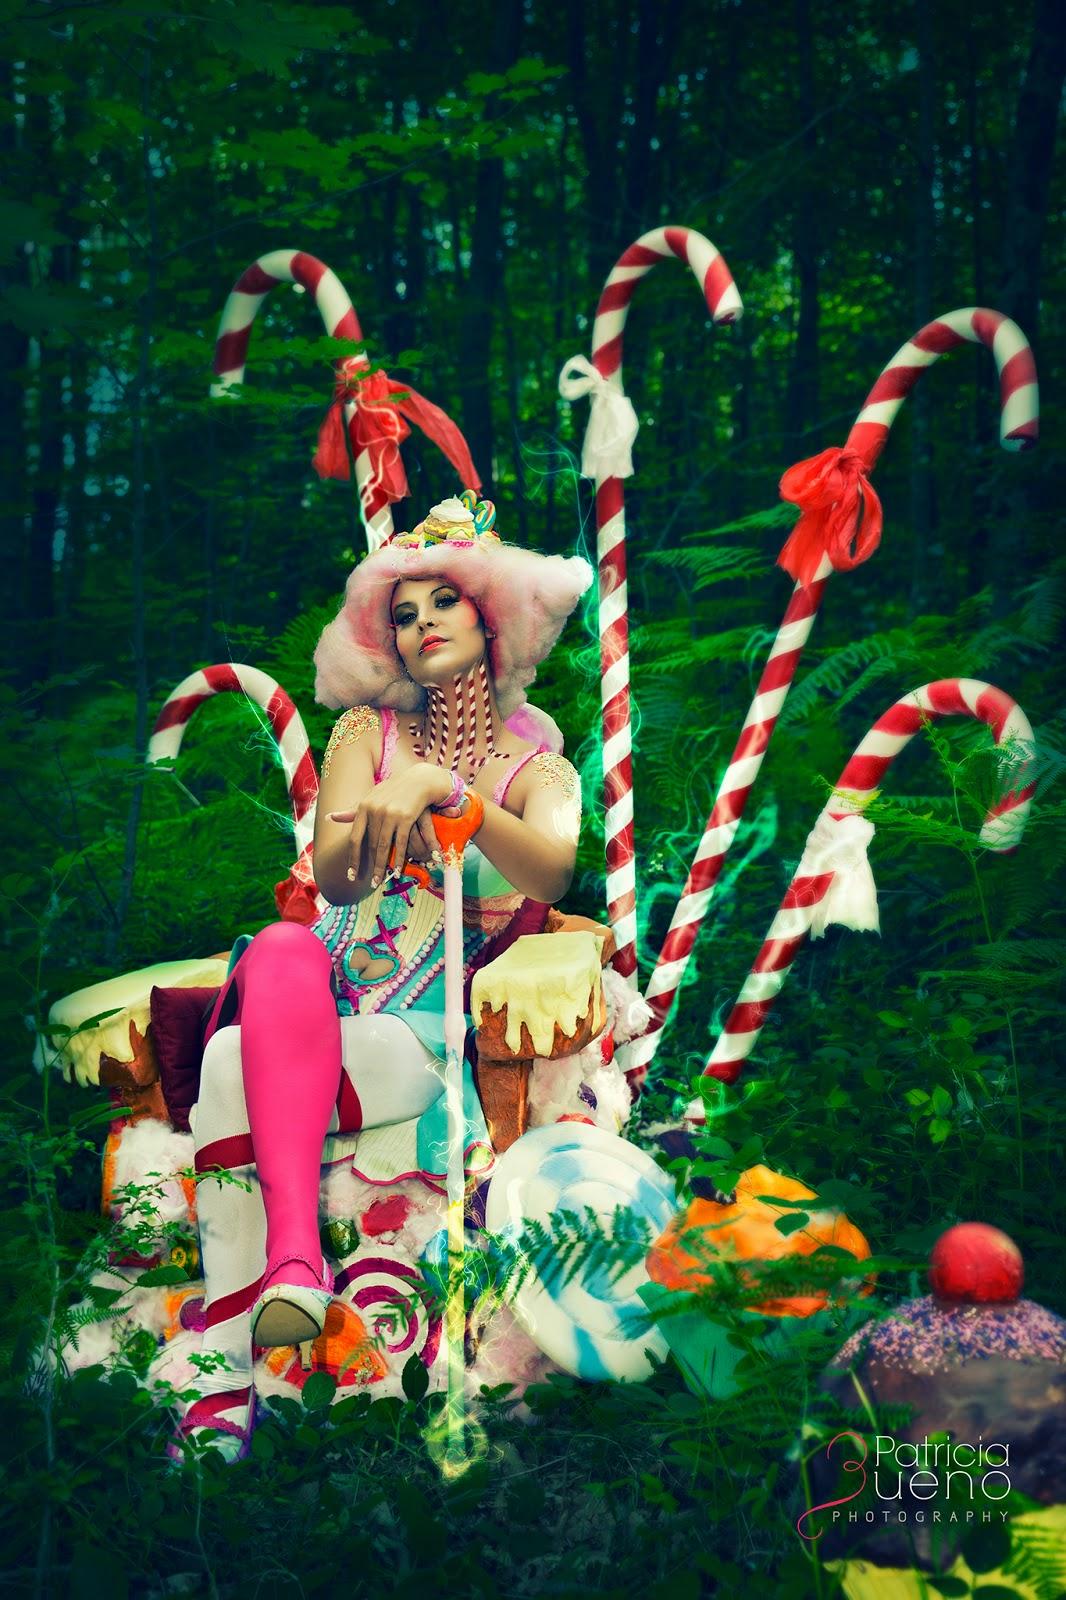 Sesión Candy Land basada en Charlie y la Fábrica de chocolate de Tim Burton